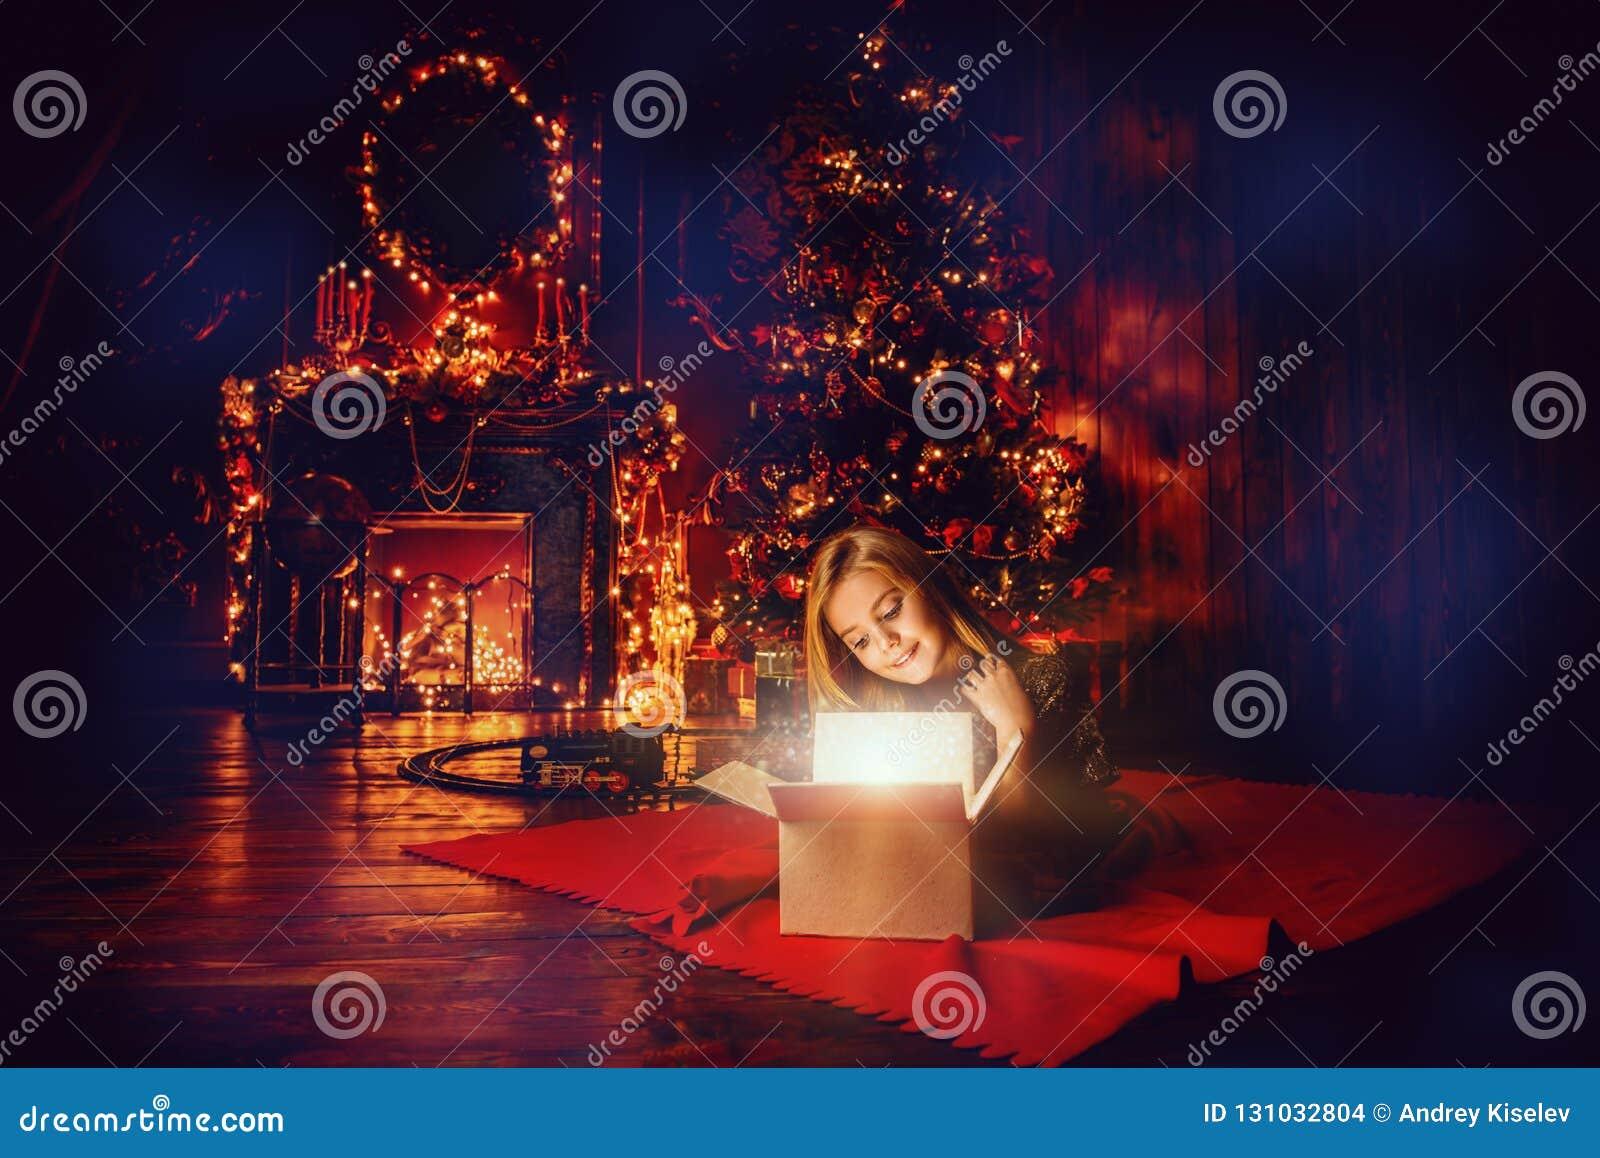 Πολυτελές διαμέρισμα στα Χριστούγεννα